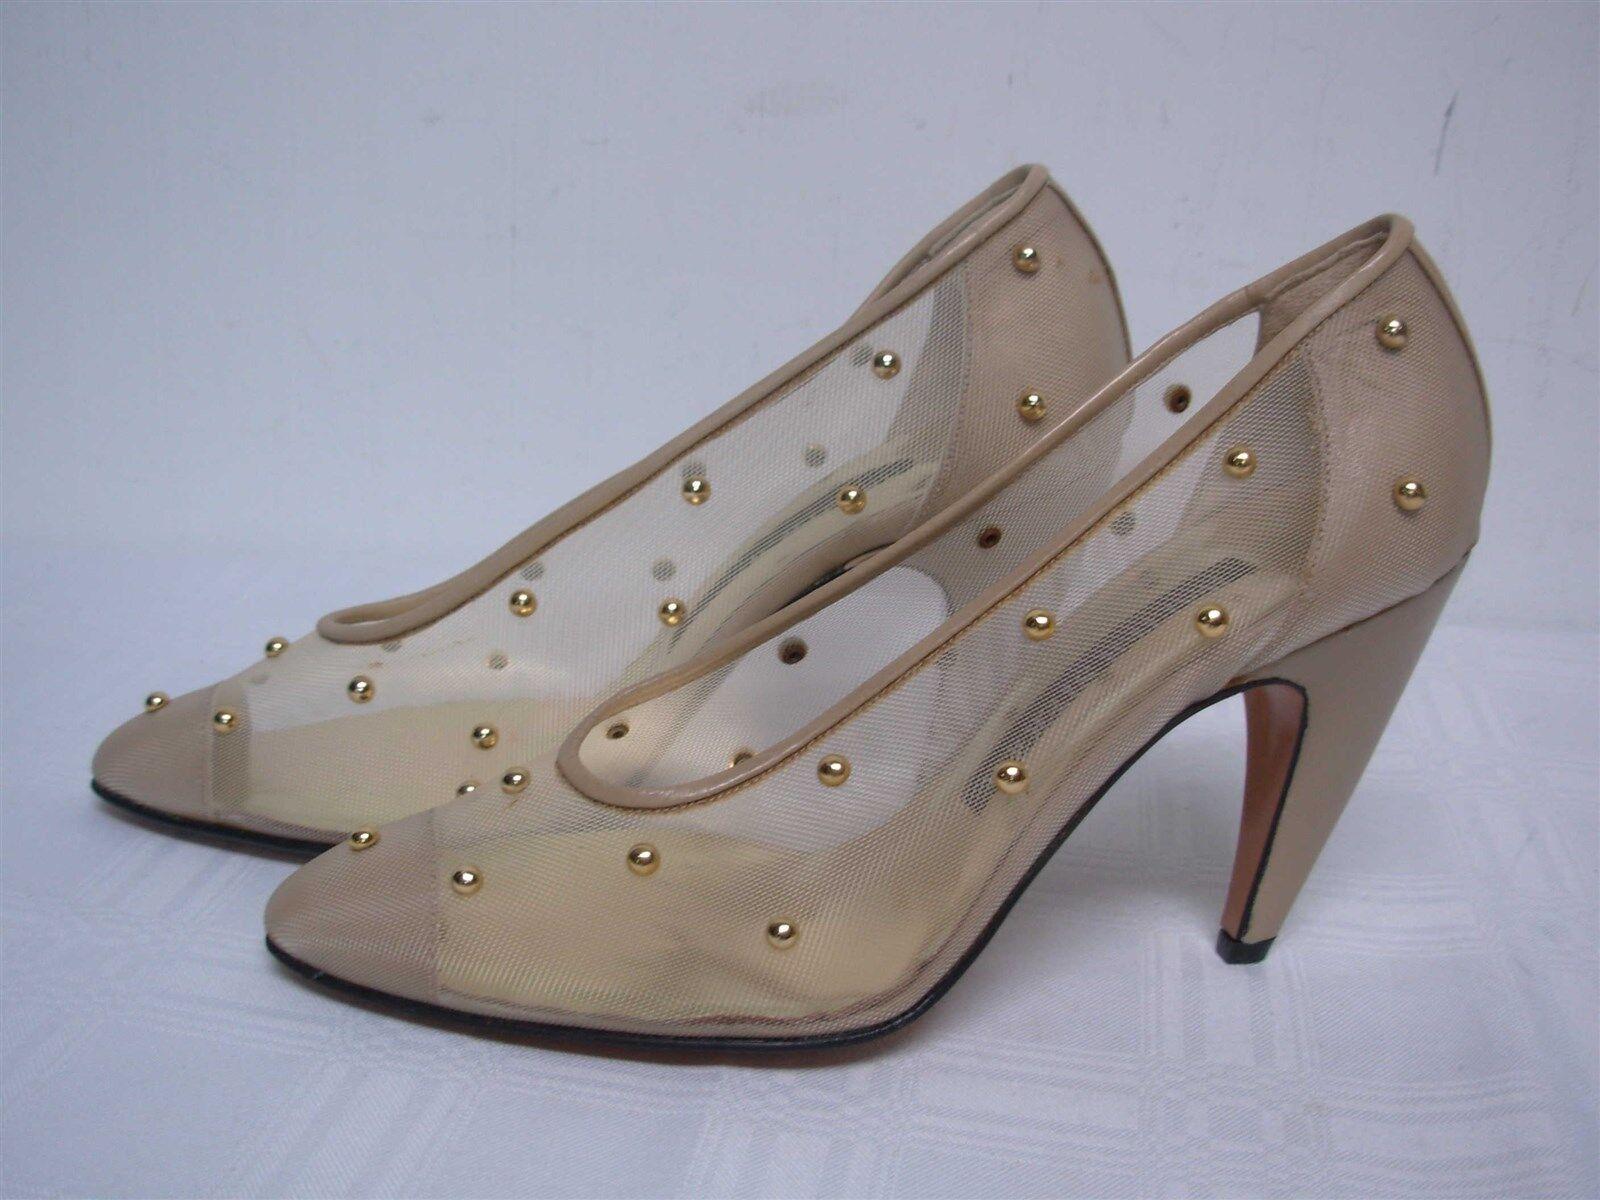 Walter Steiger Beige De Cuero 7 Mallas Para Mujer Mujer Mujer Bombas Zapatos W Bola De oro Estoperoles 6 1 2 B  diseños exclusivos